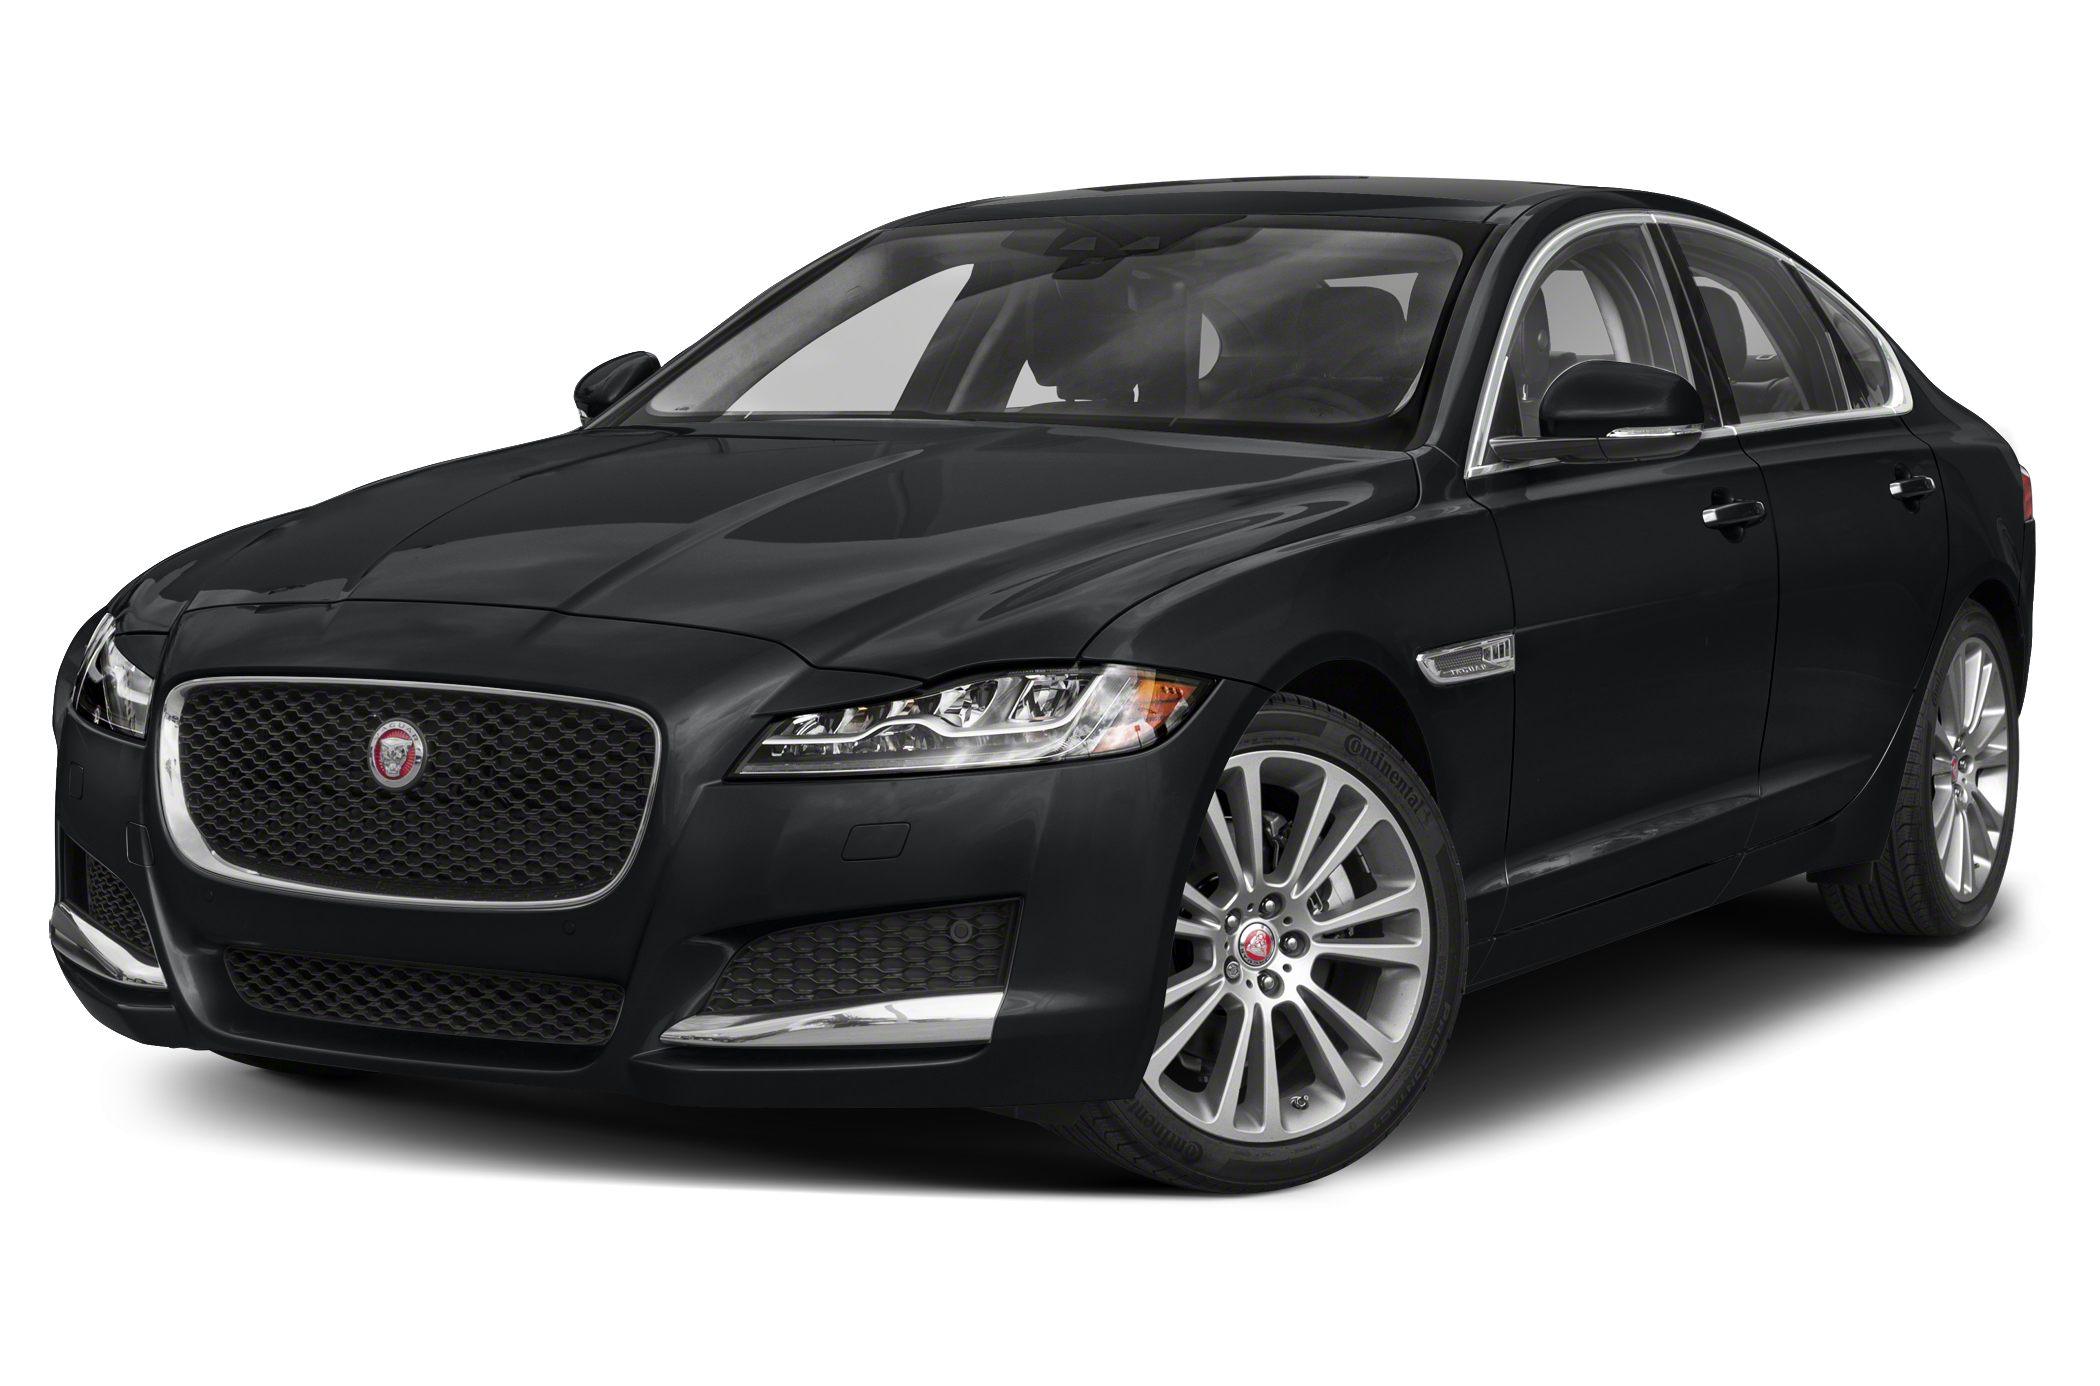 2020 Jaguar Xf Pictures